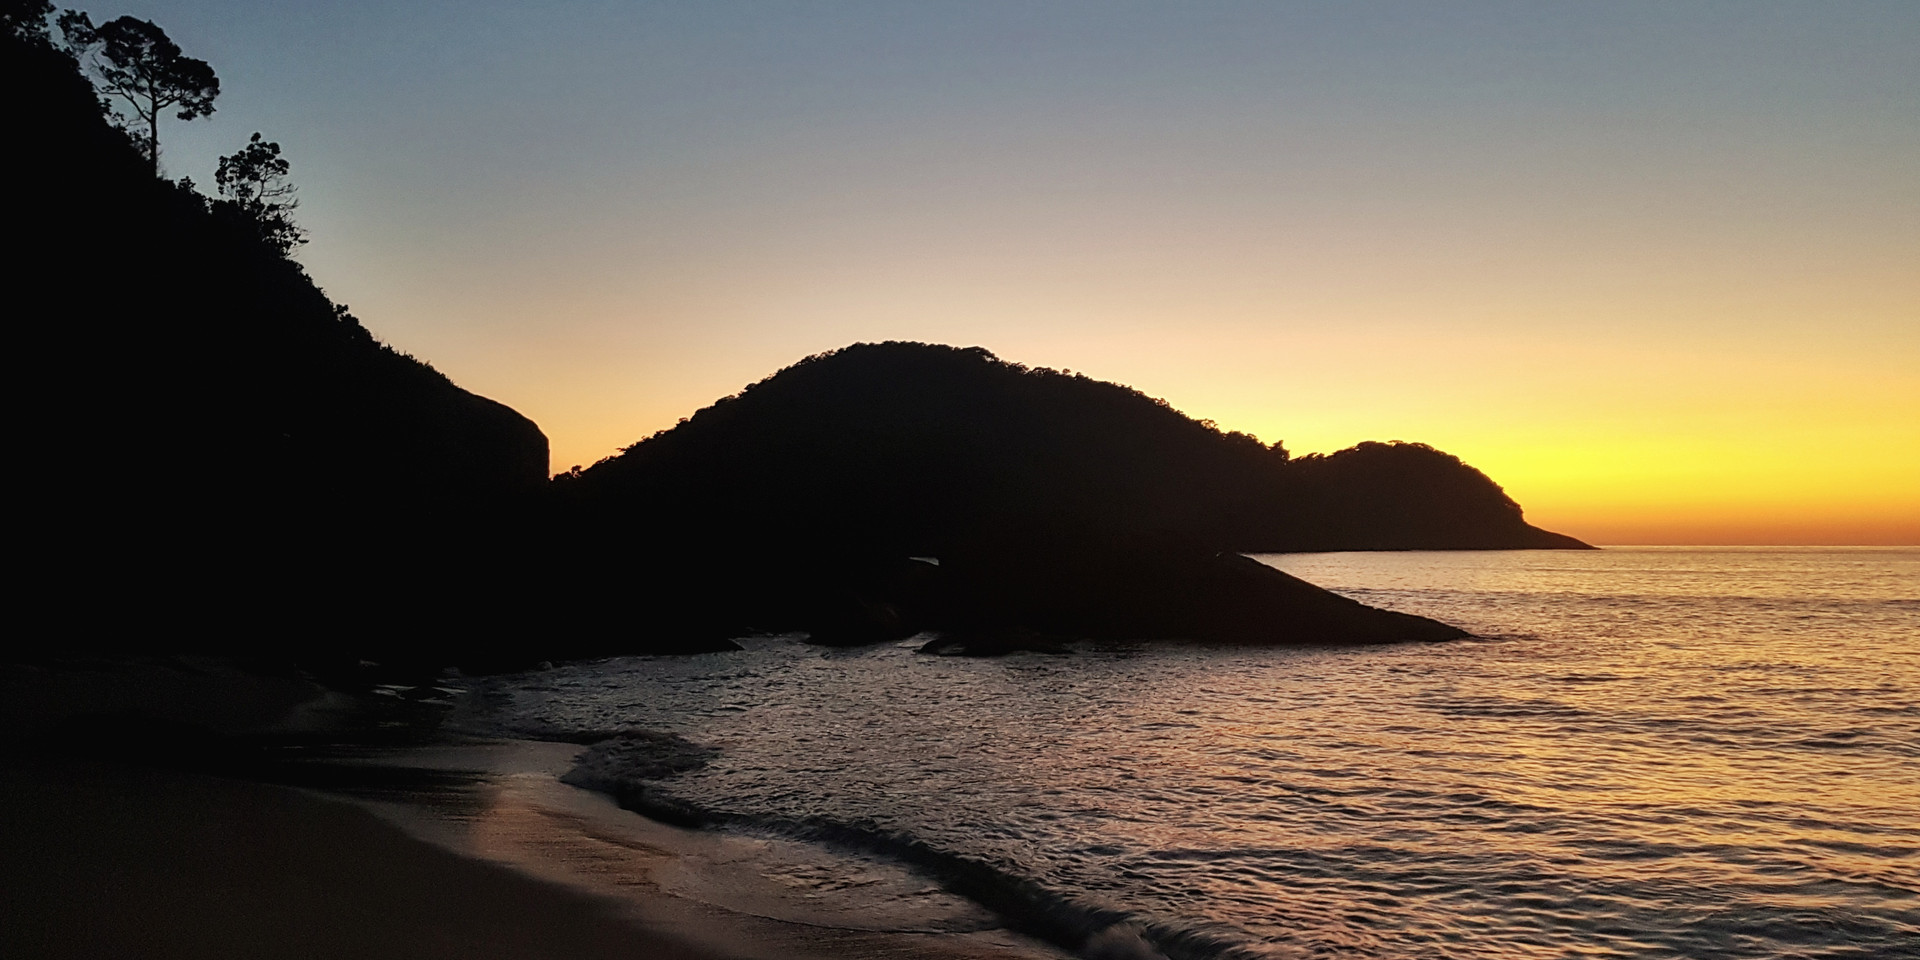 Amanhecer na Praia do Caixa D'Aço.